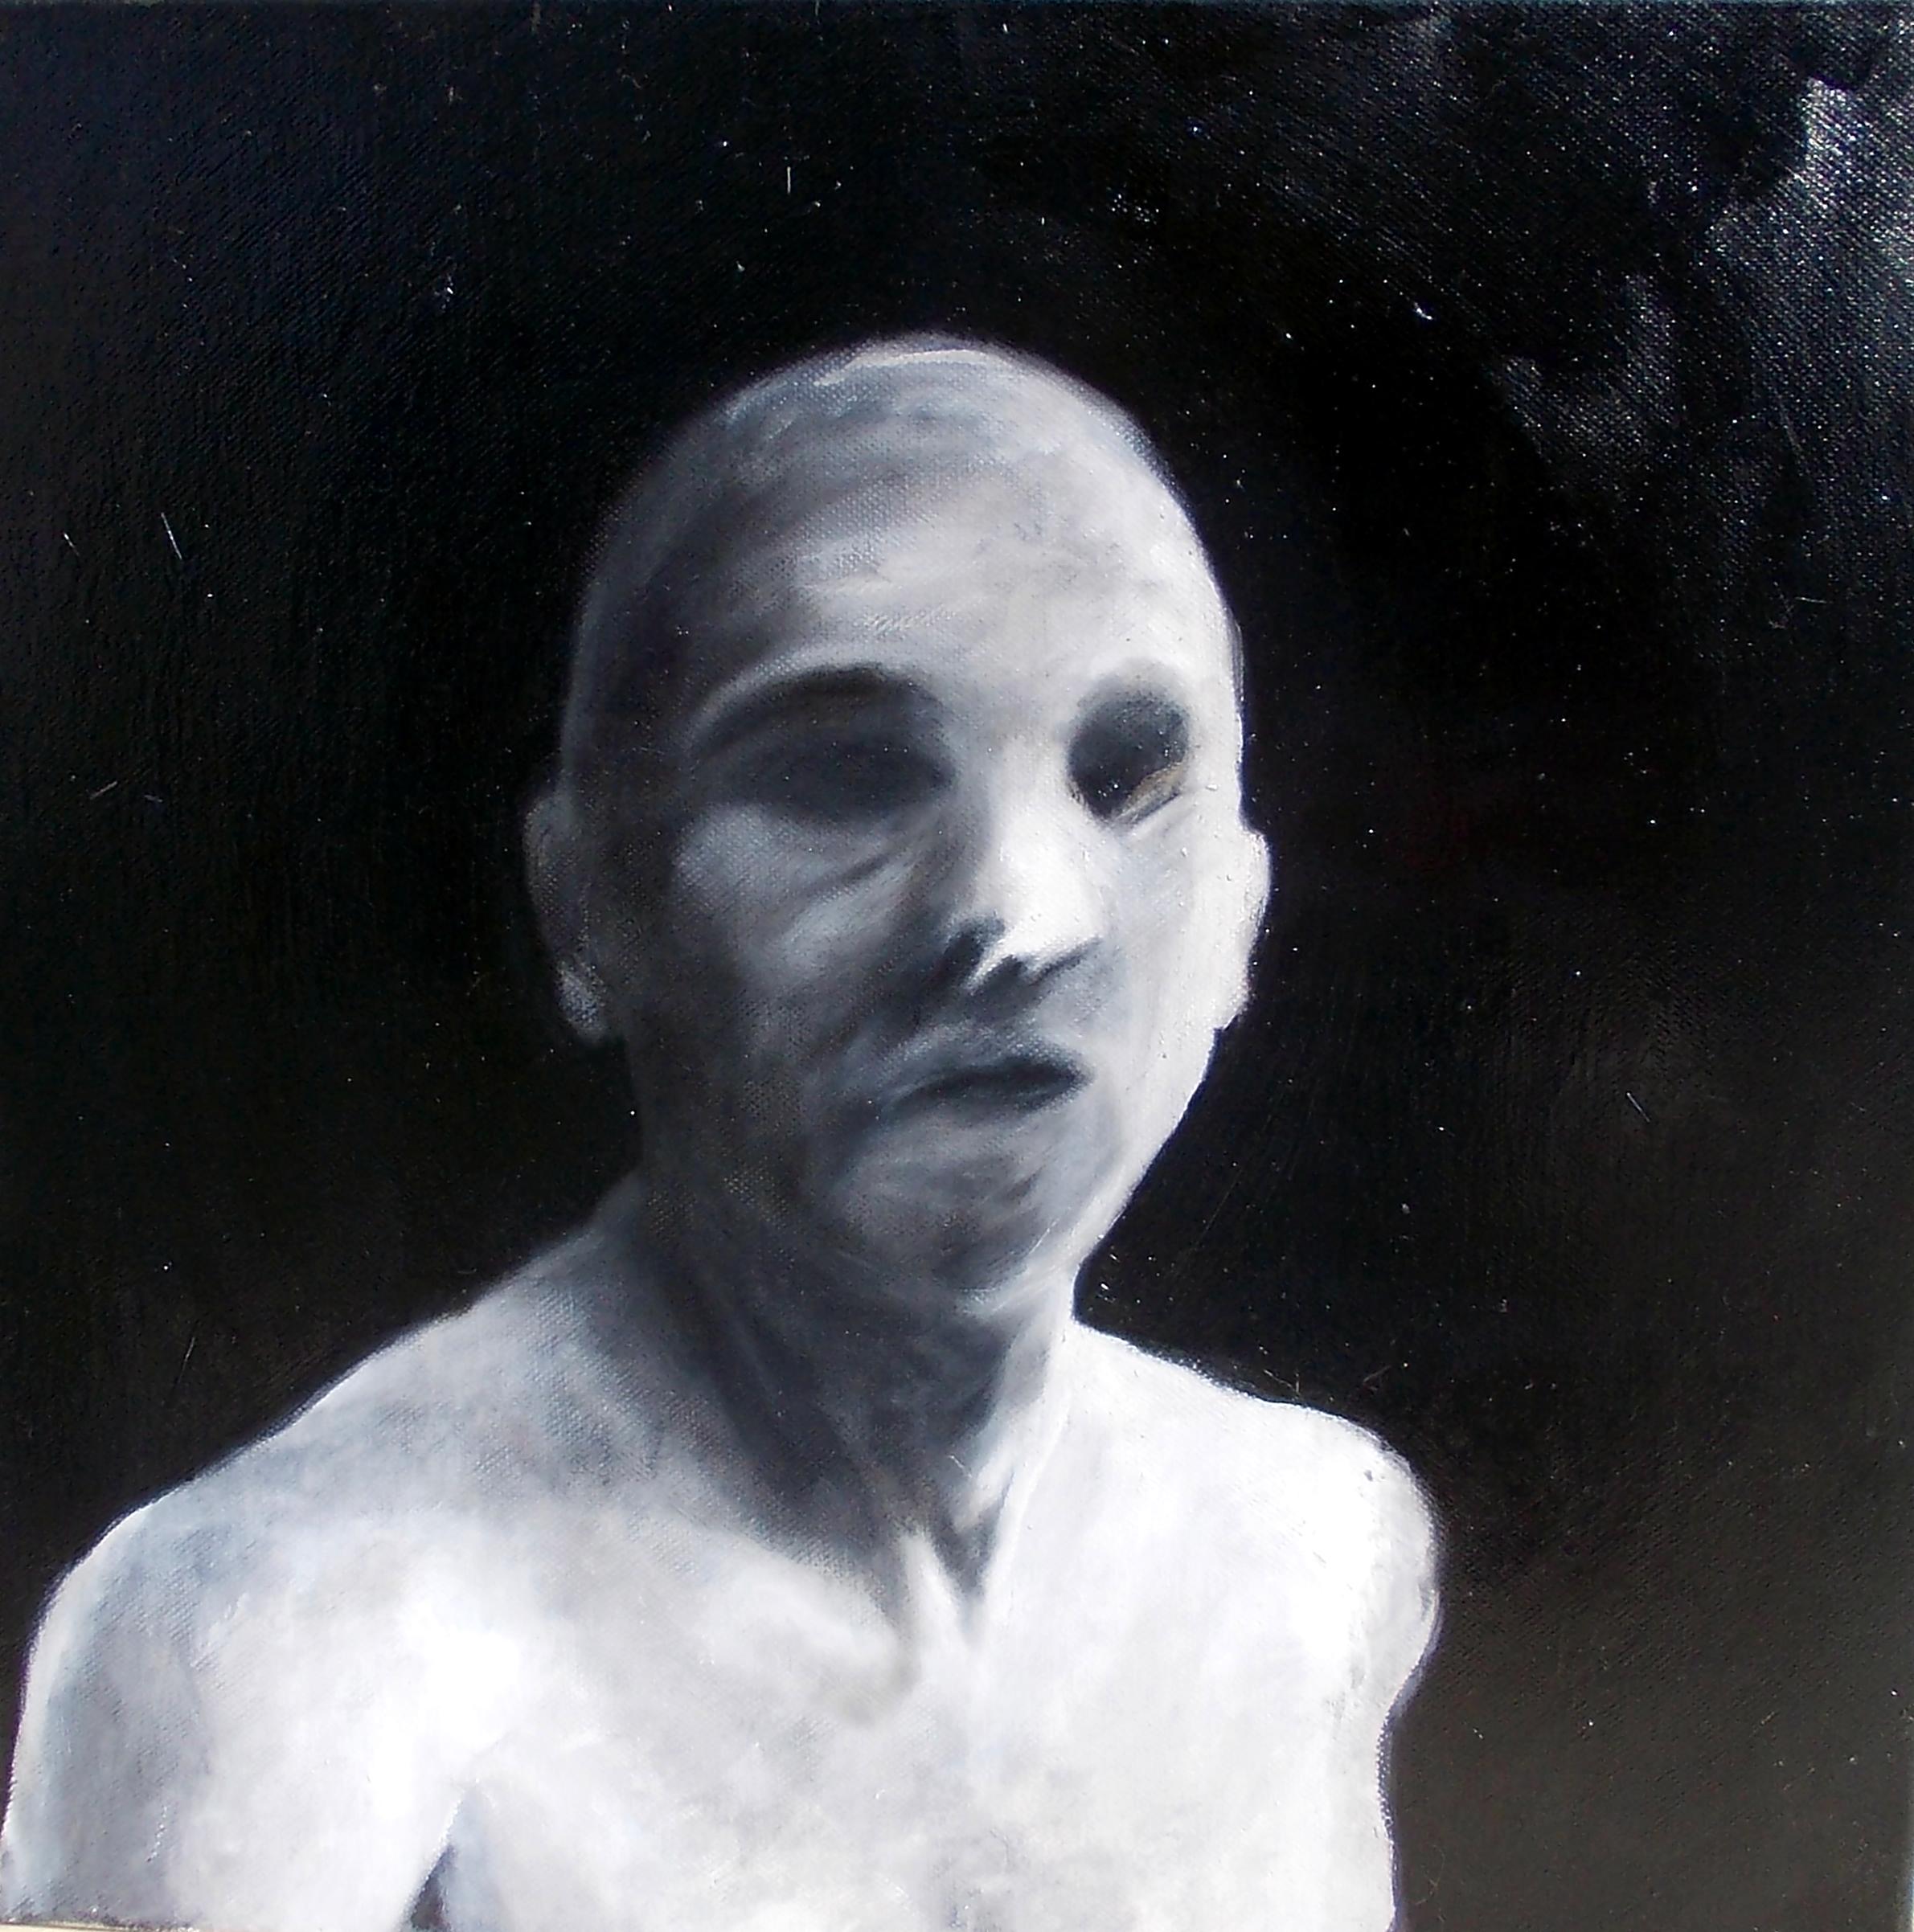 The Hesitant Ghost